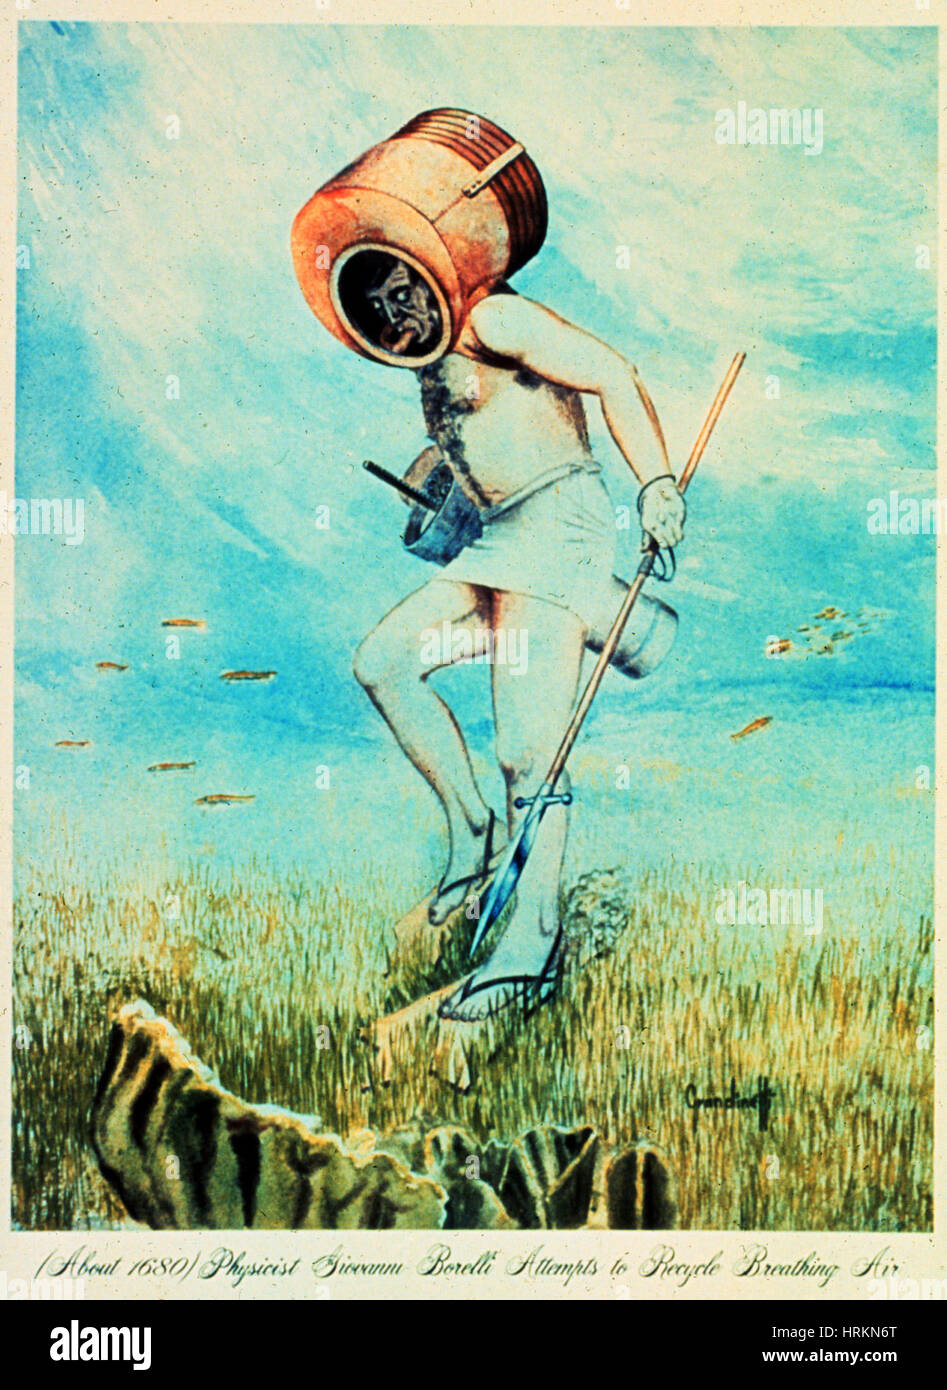 Giovanni Borelli Underwater Immagini Stock